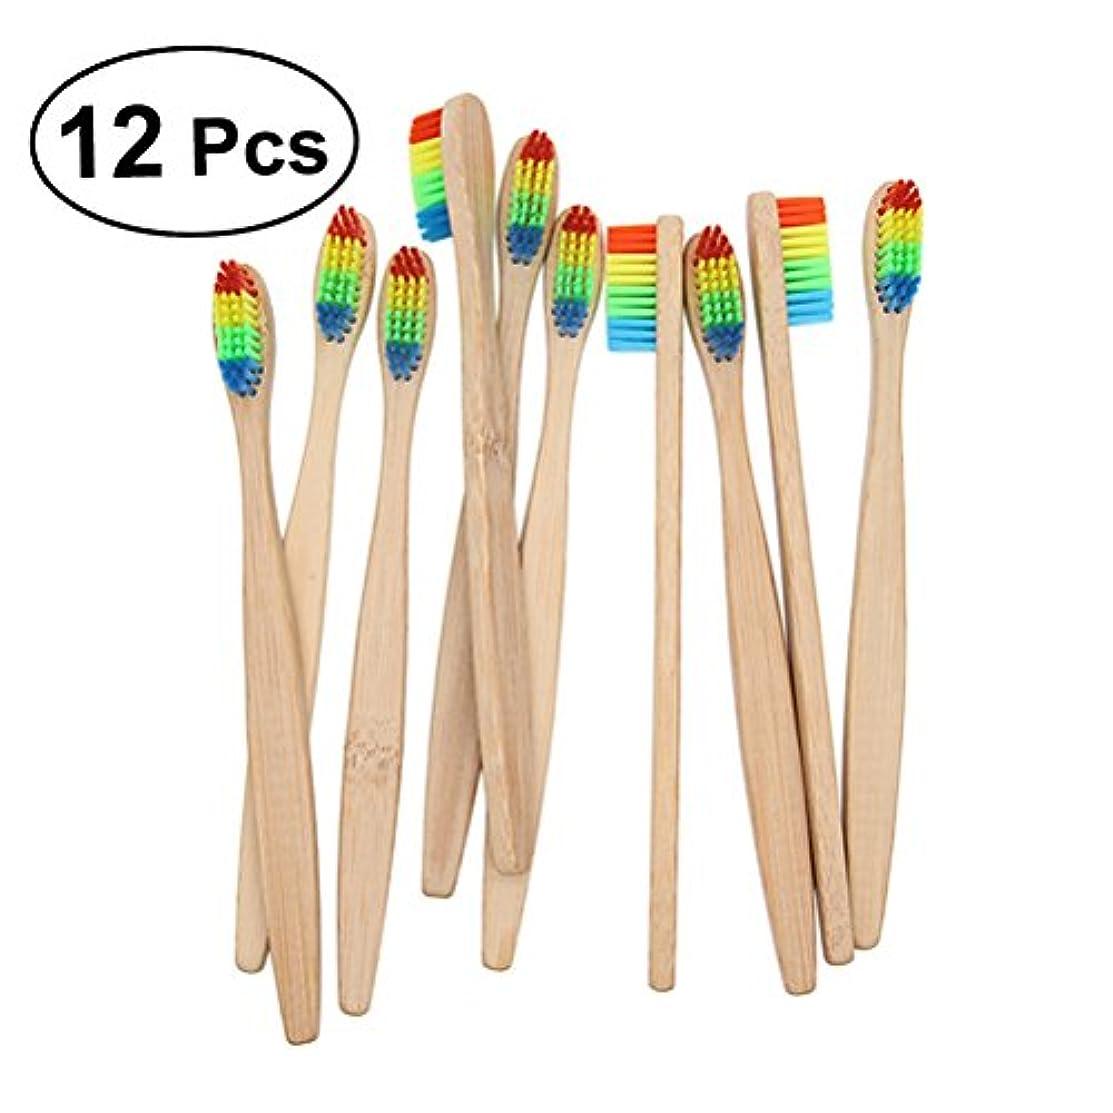 デマンドクラウドハブROSENICE 竹の歯ブラシ 12個のナイロン虹色のブリストル持続可能な材料プラスチックの代わりに自然